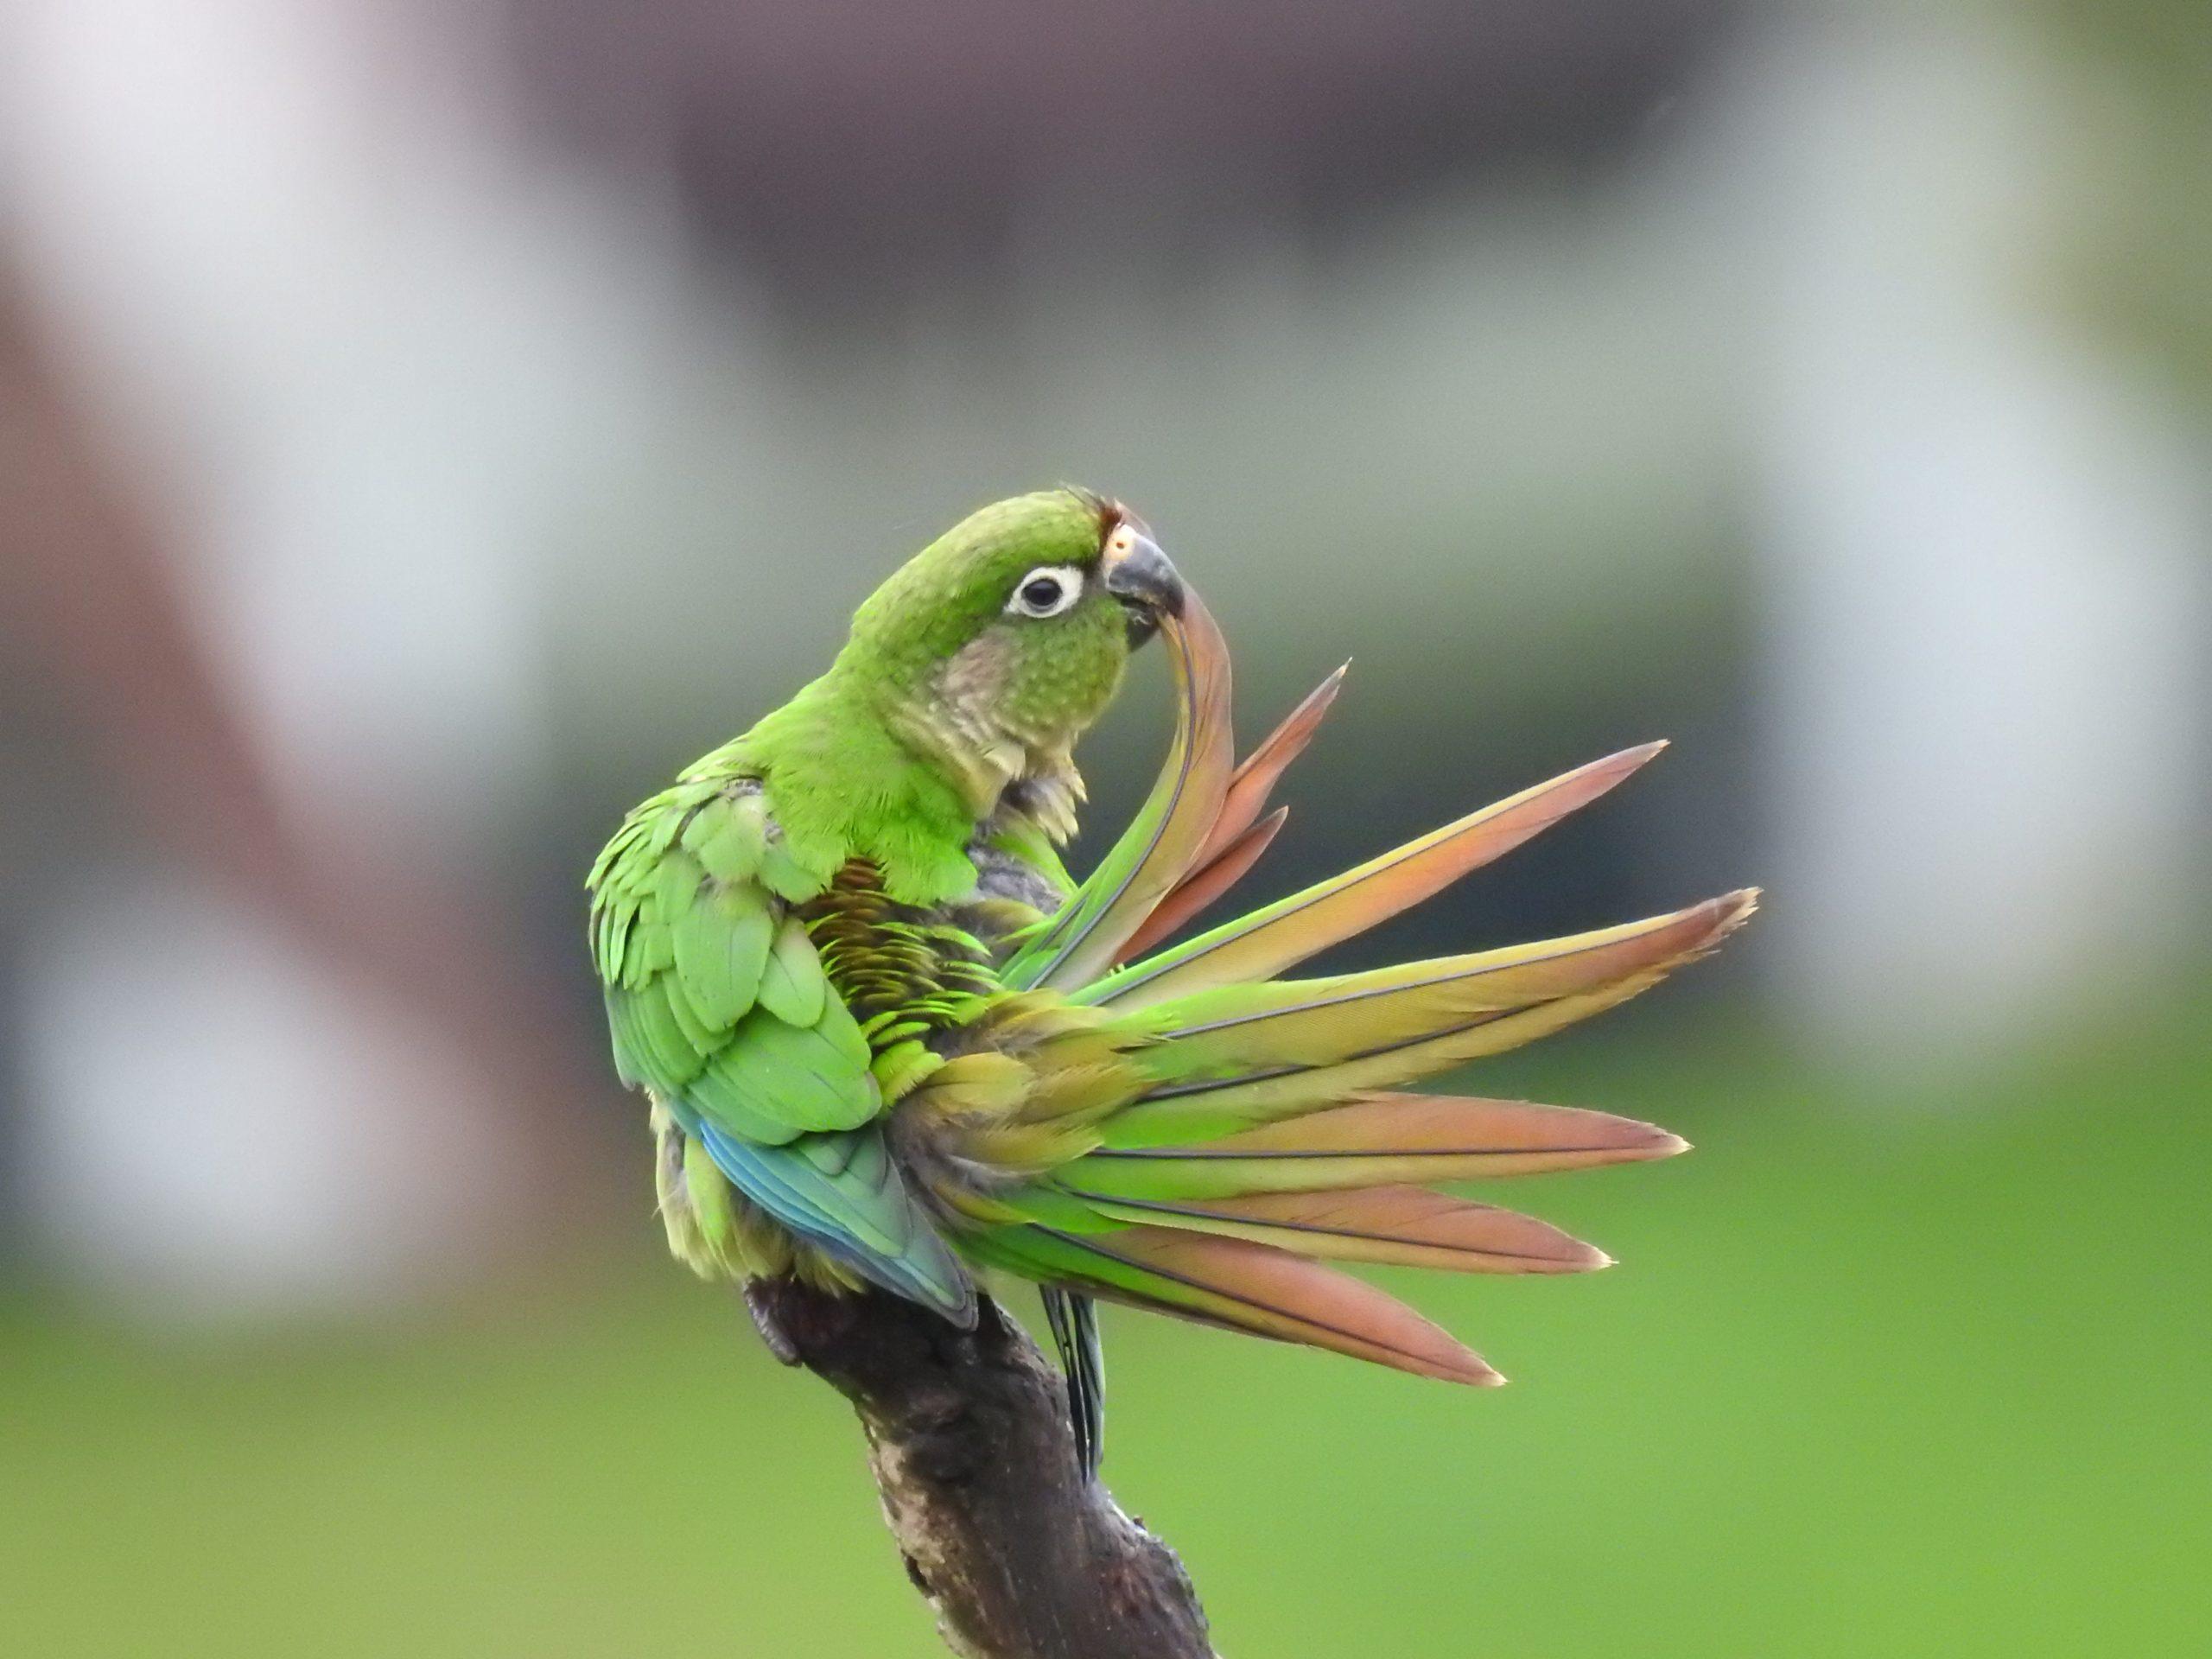 A imagem mostra uma ave, tiriba-de-testa-vermelha, com o bico em suas penas.